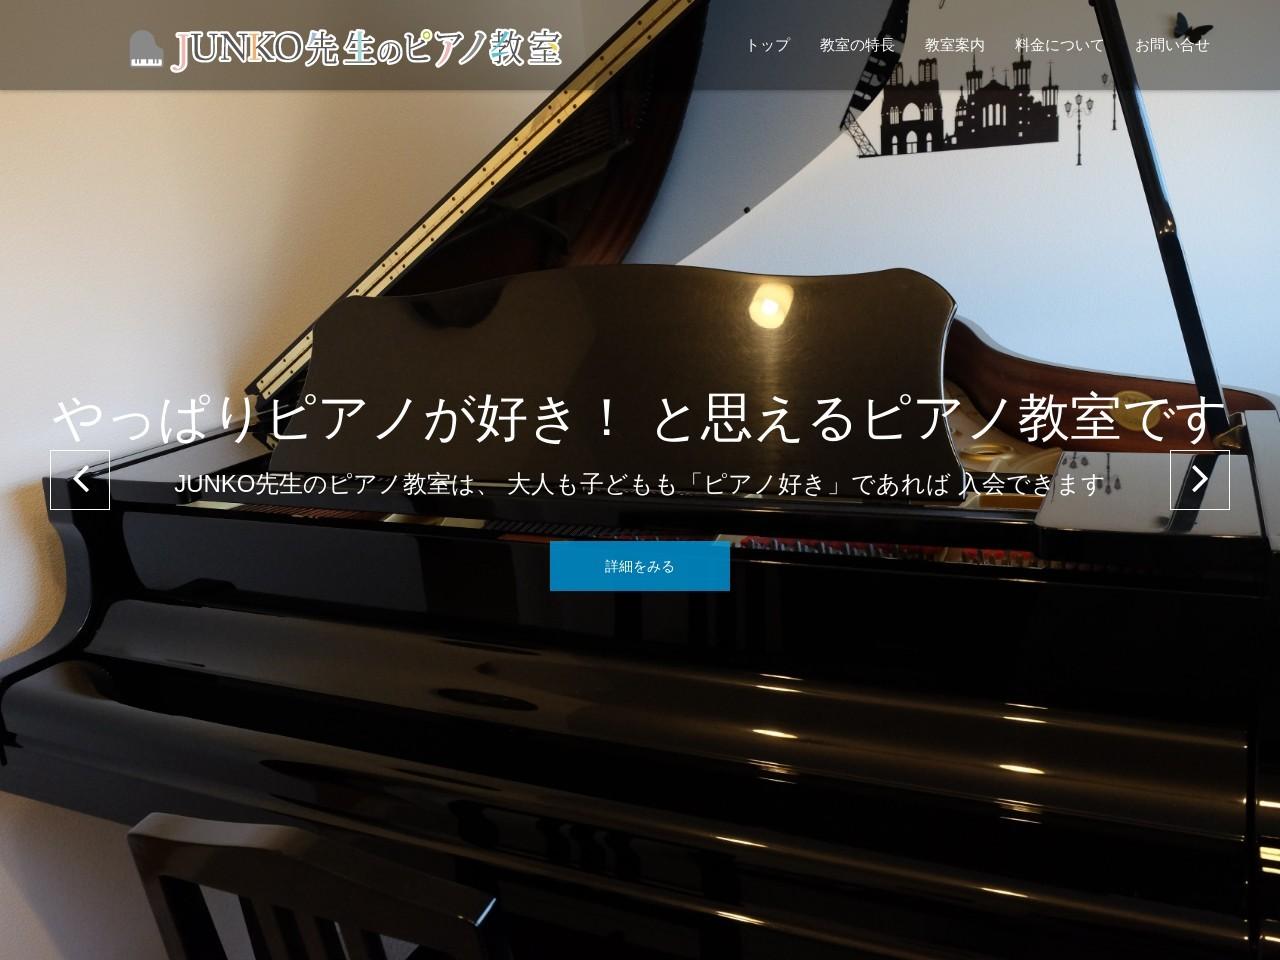 JUNKO先生のピアノ教室のサムネイル